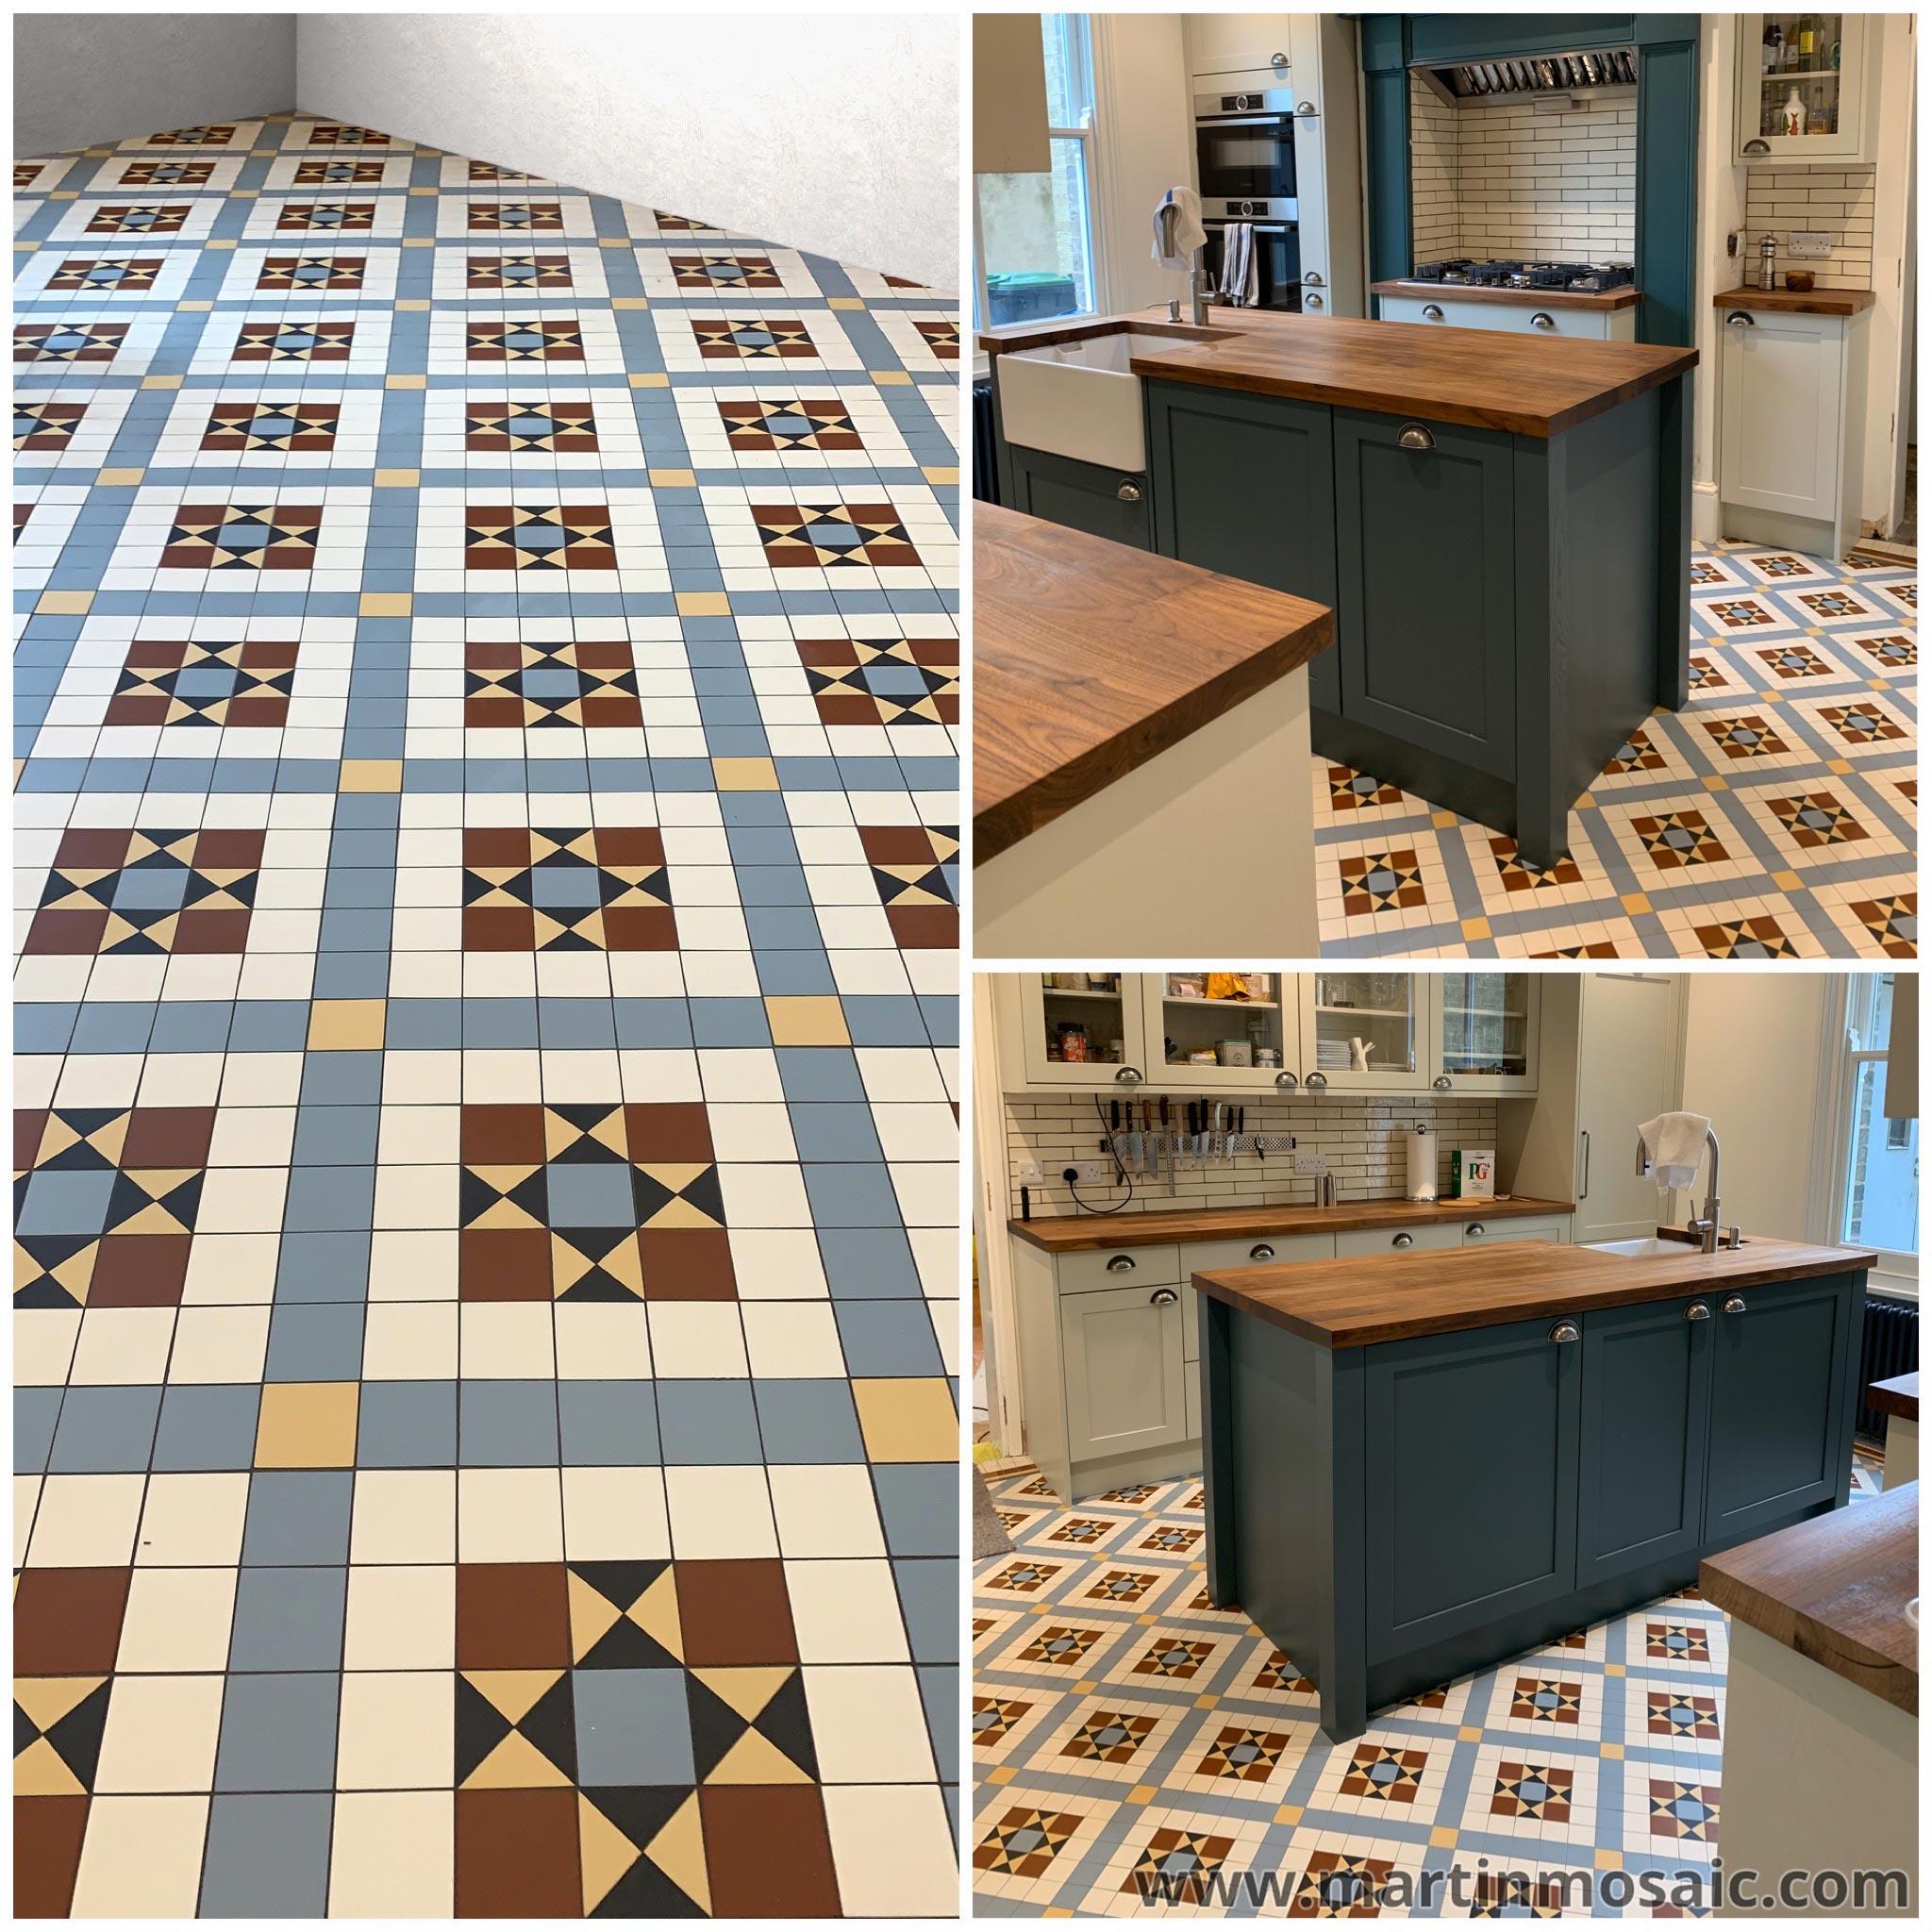 Victorian floor tiles - kitchen. Tiles 50x50mm thick 5mm. Colours: super white, pale blue, cognac, red, black.